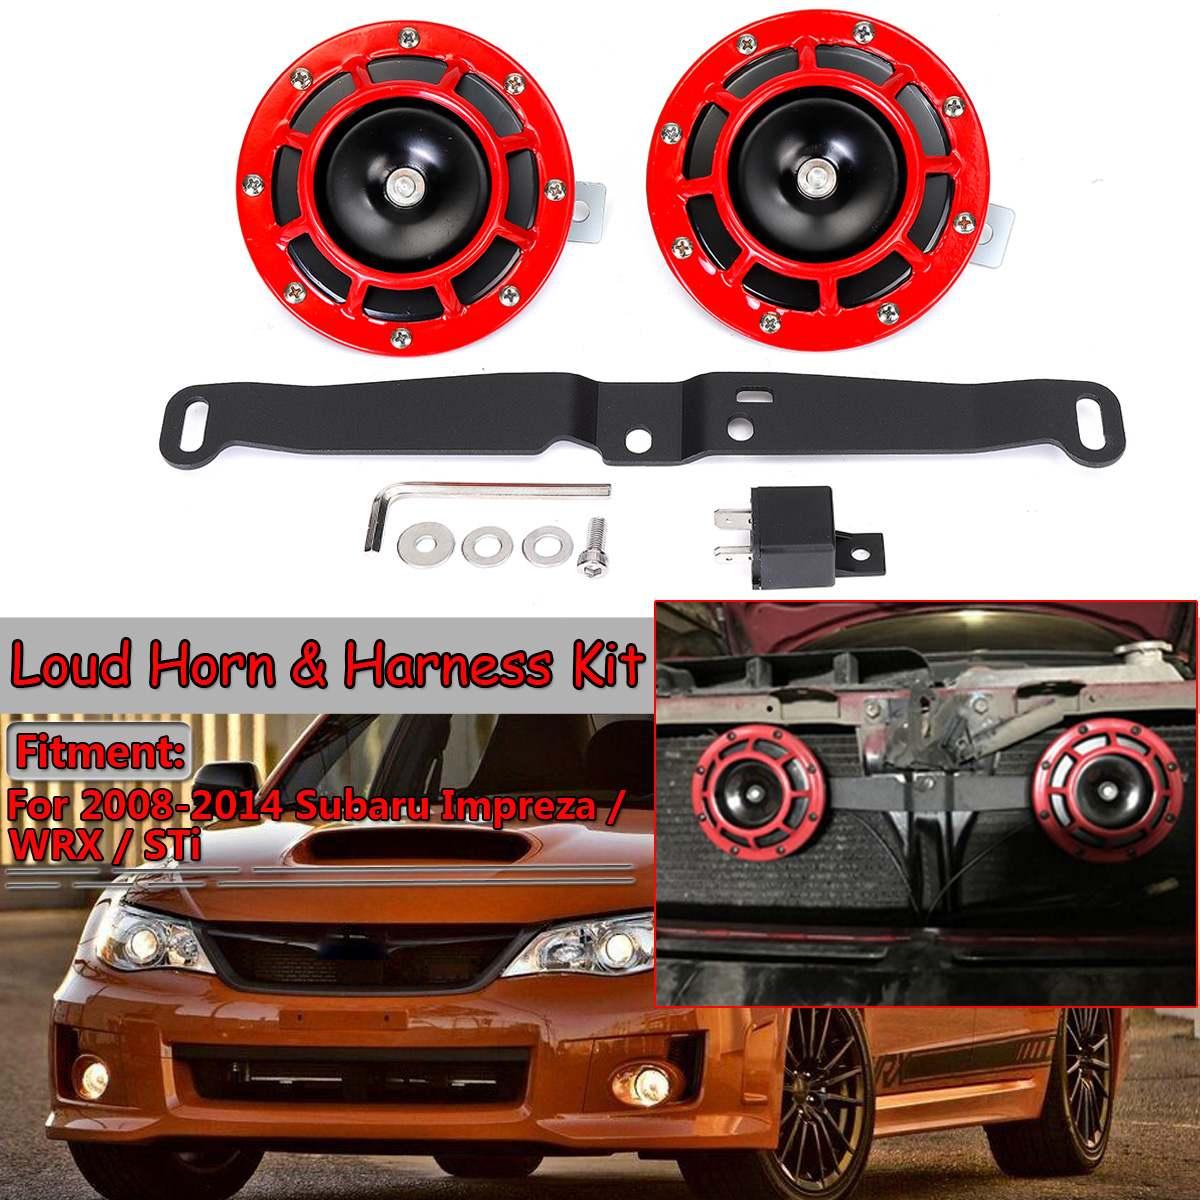 Автомобильный Электрический громкий сигнал 12 В, крепление на гриль, супер громкий гудок и комплект жгута для SUBARU Impreza WRX STi BRZ 2008-2014, монтажный ...